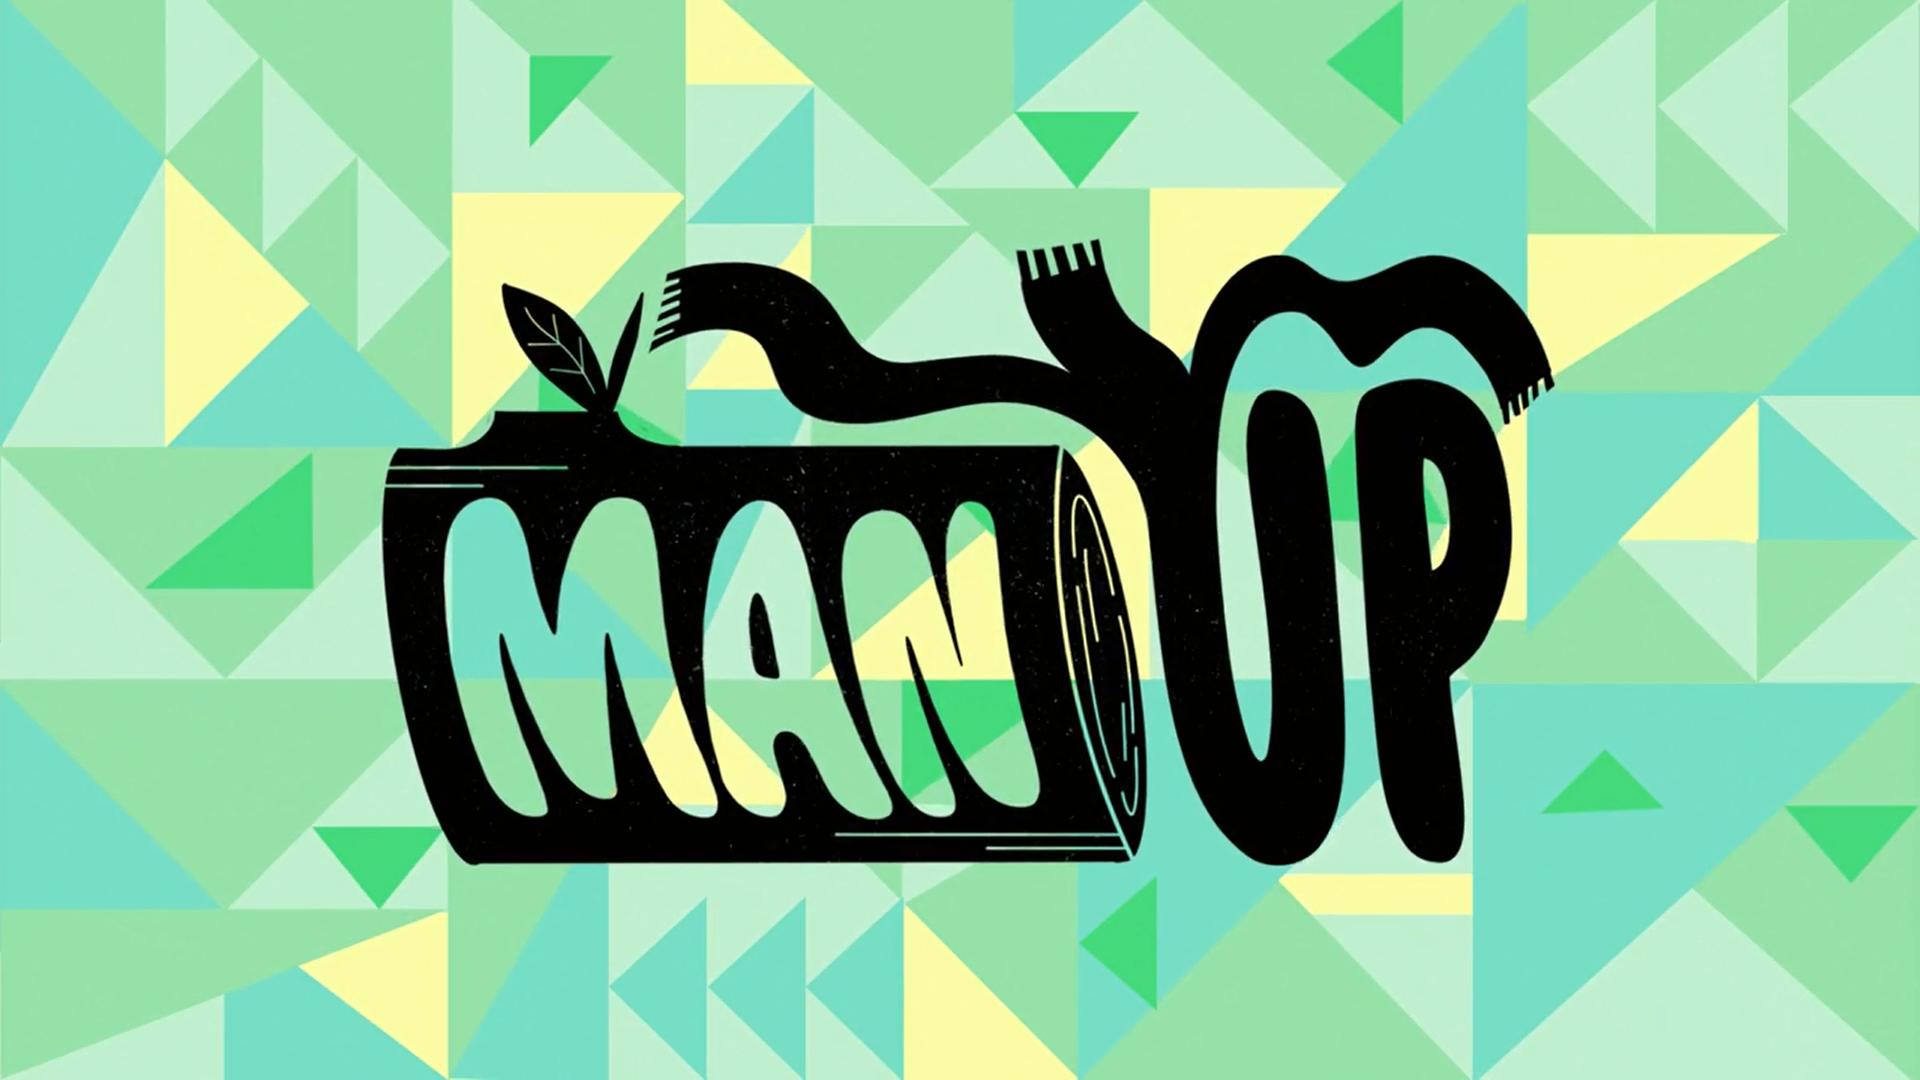 man up powerpuff girls wiki fandom powered by wikia